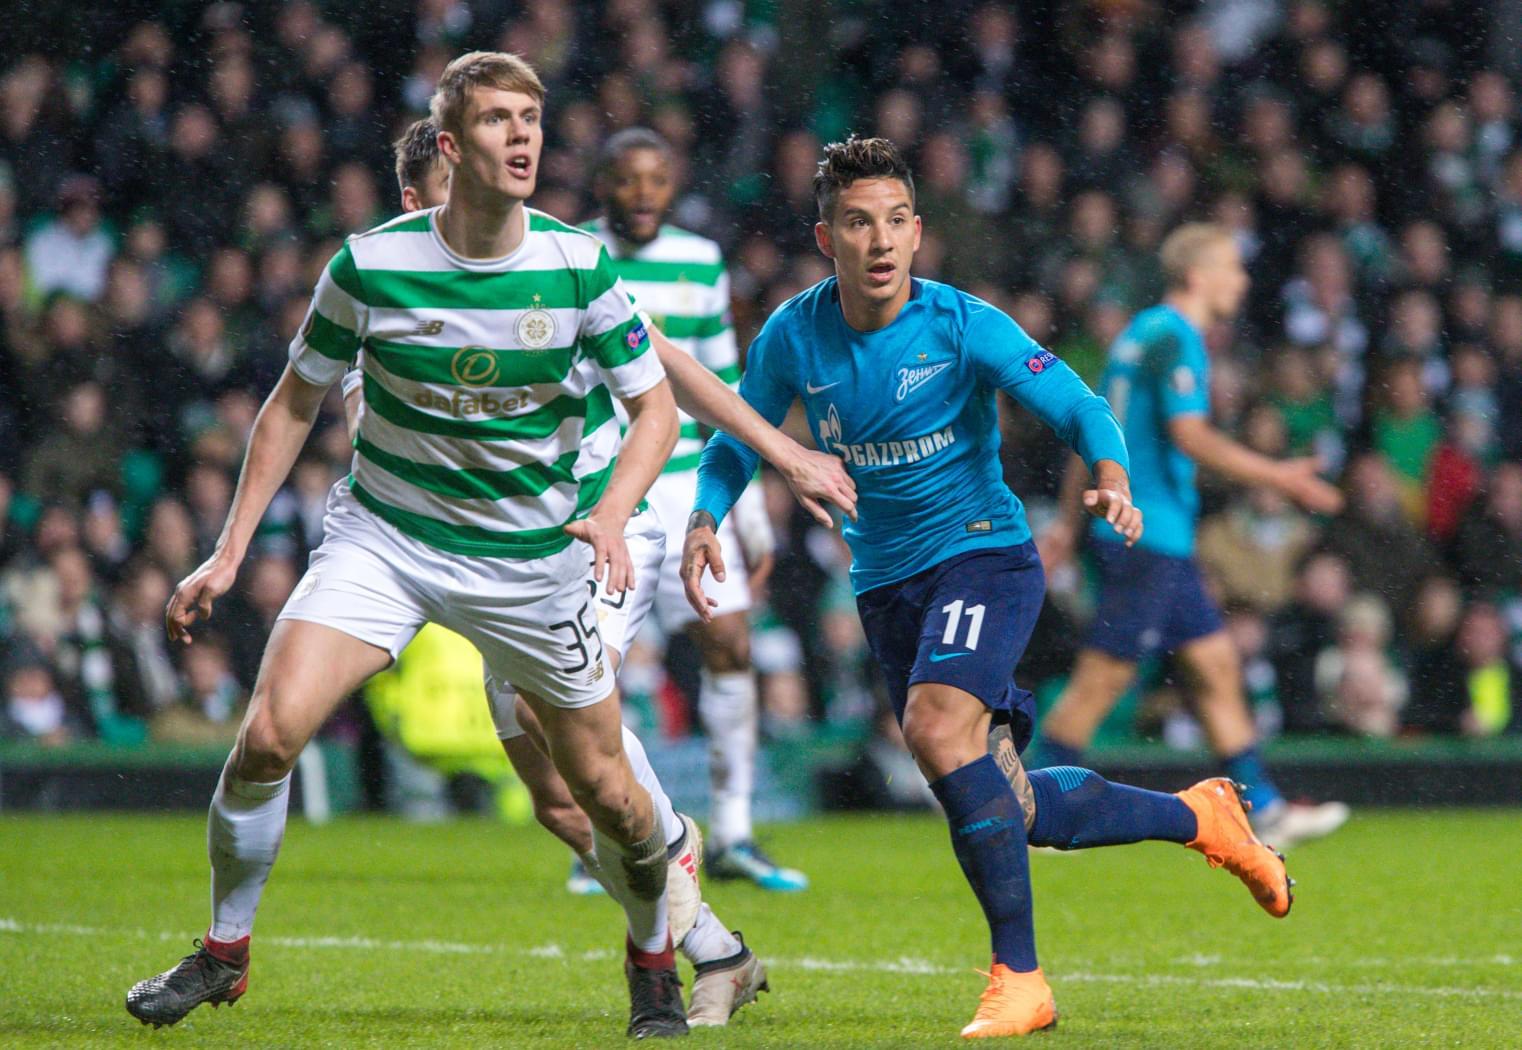 ¿Kristoffer Ajer del Celtic es demasiado caro para el Leverkusen?